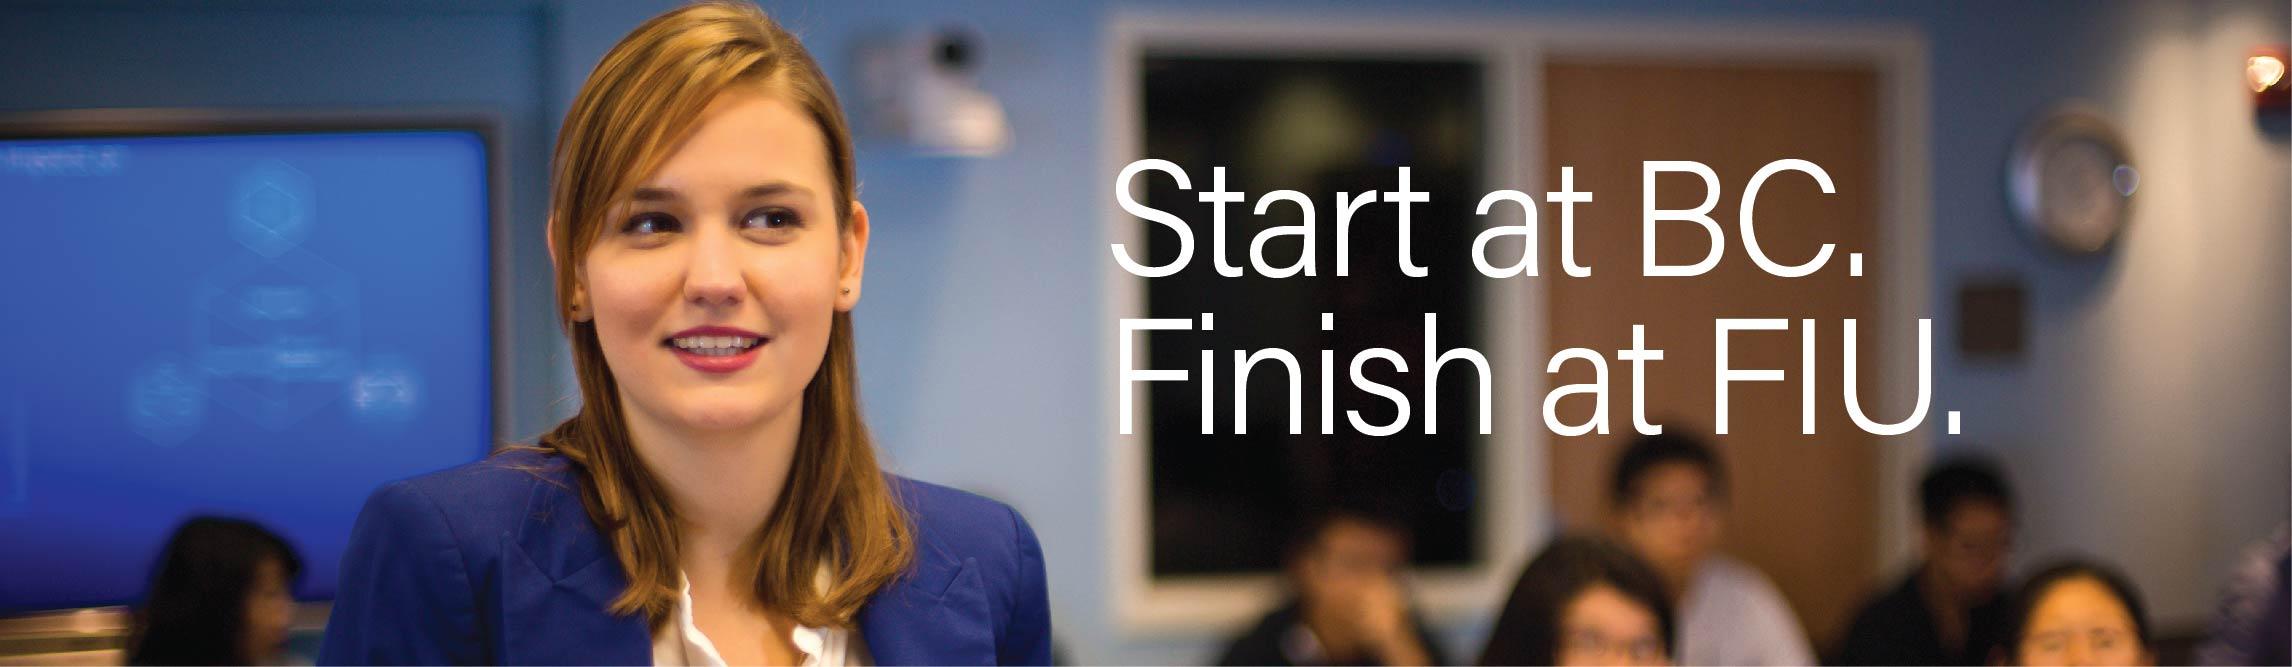 Start at Broward College, Finish at FIU